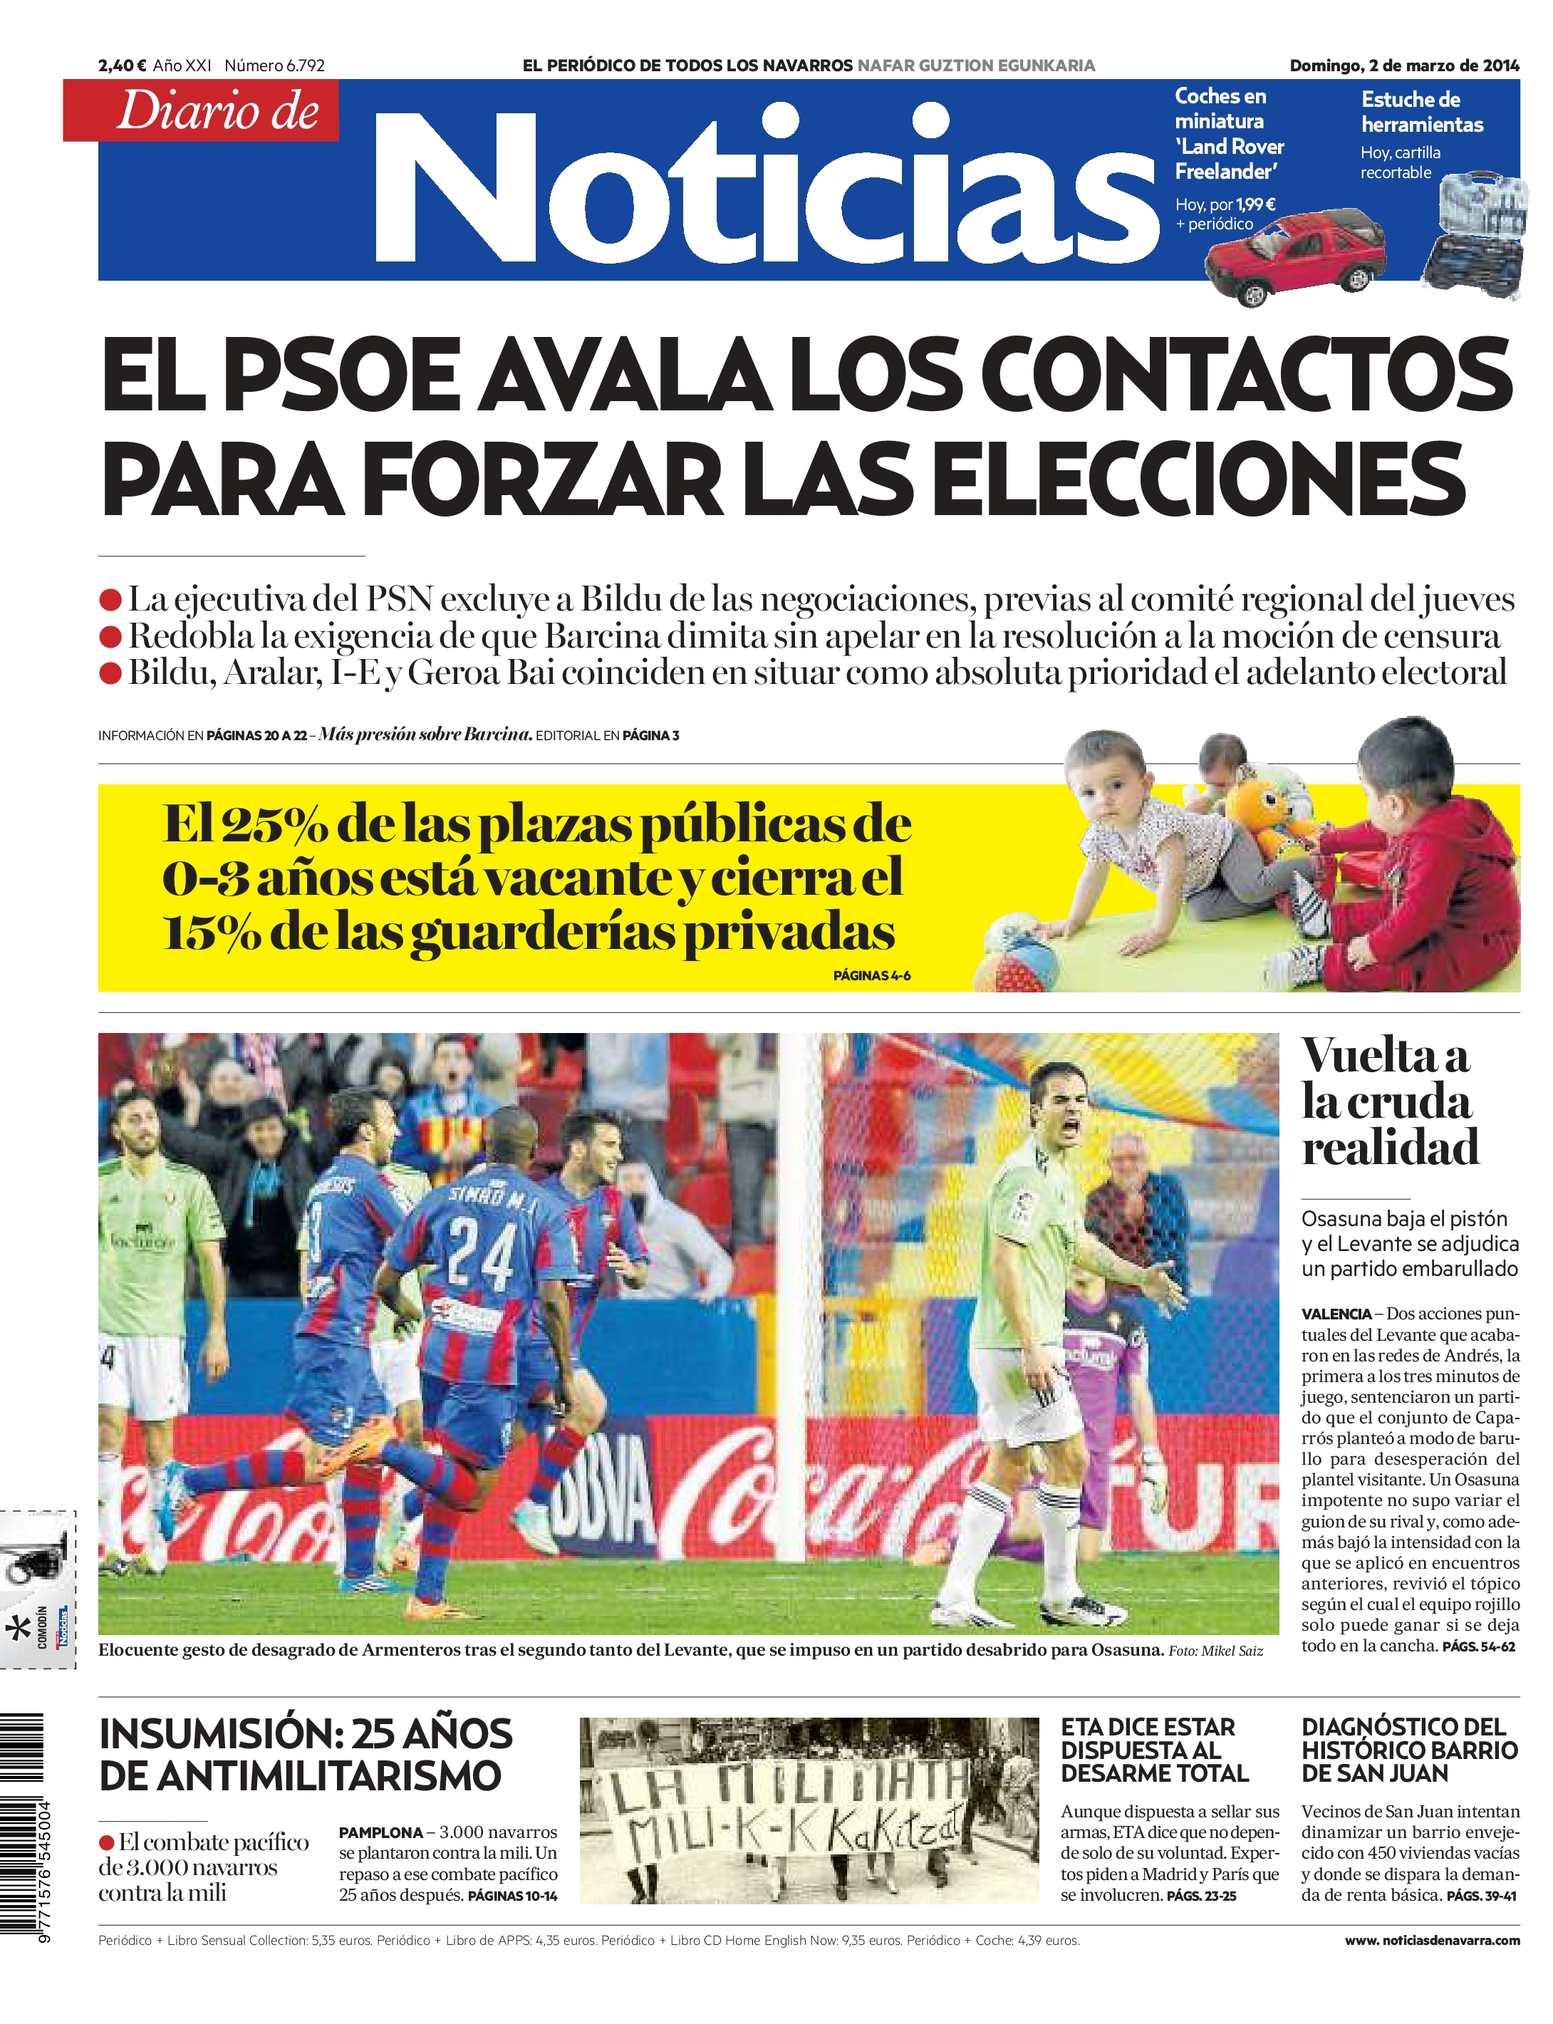 Calaméo - Diario de Noticias 20140302 69649cd2751ac